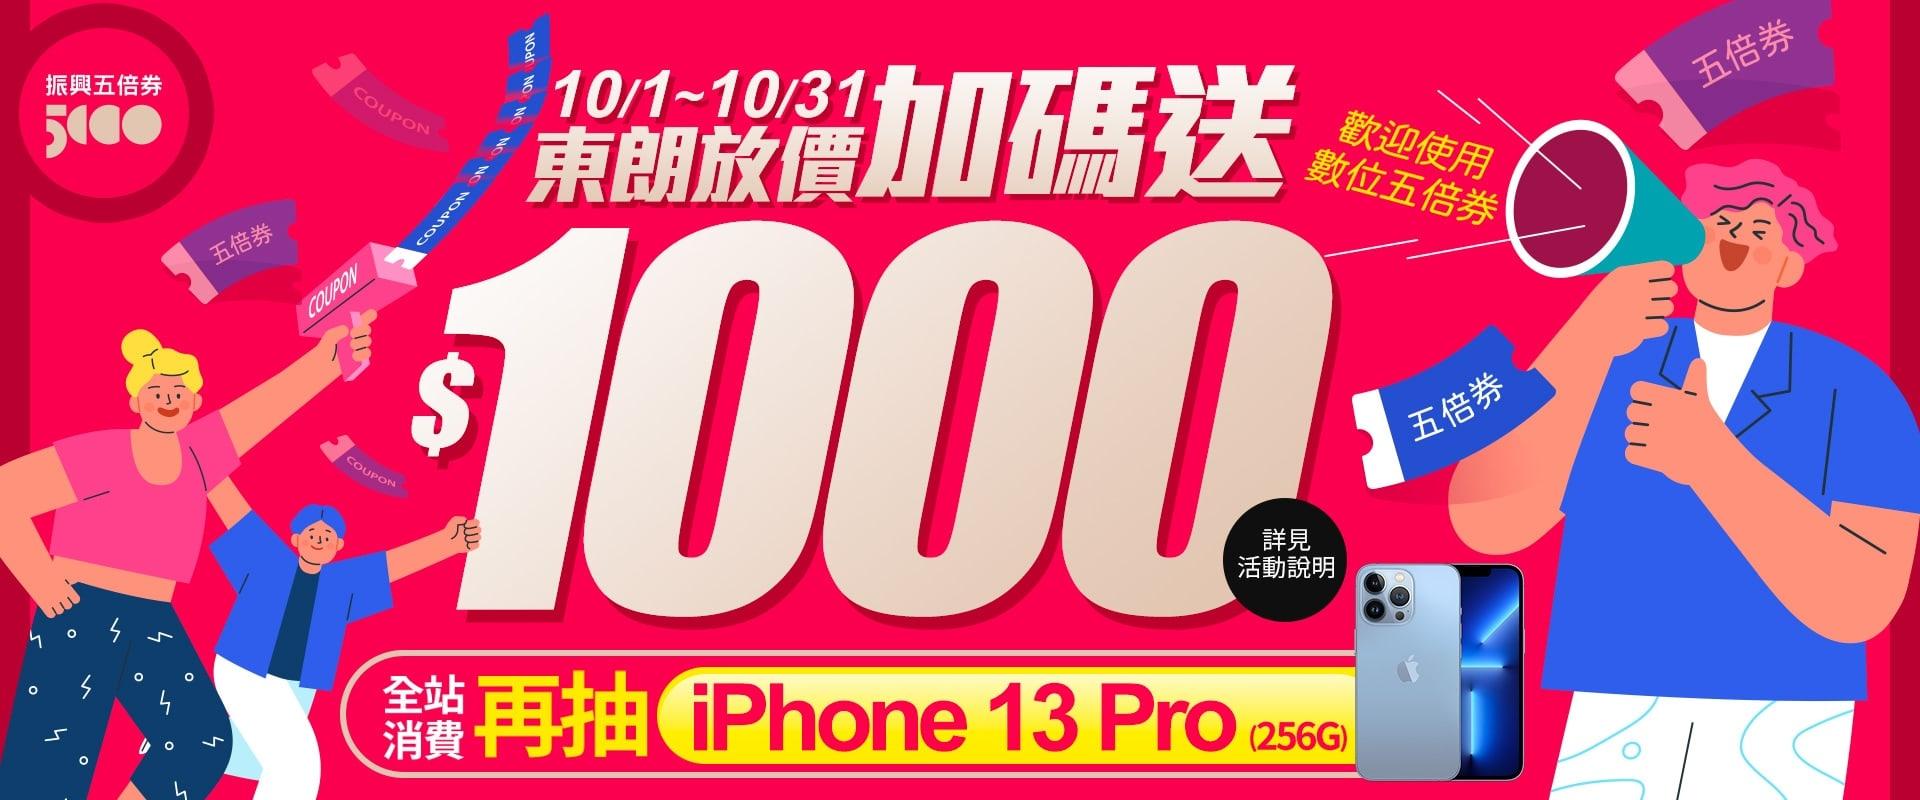 台東朗送iphone